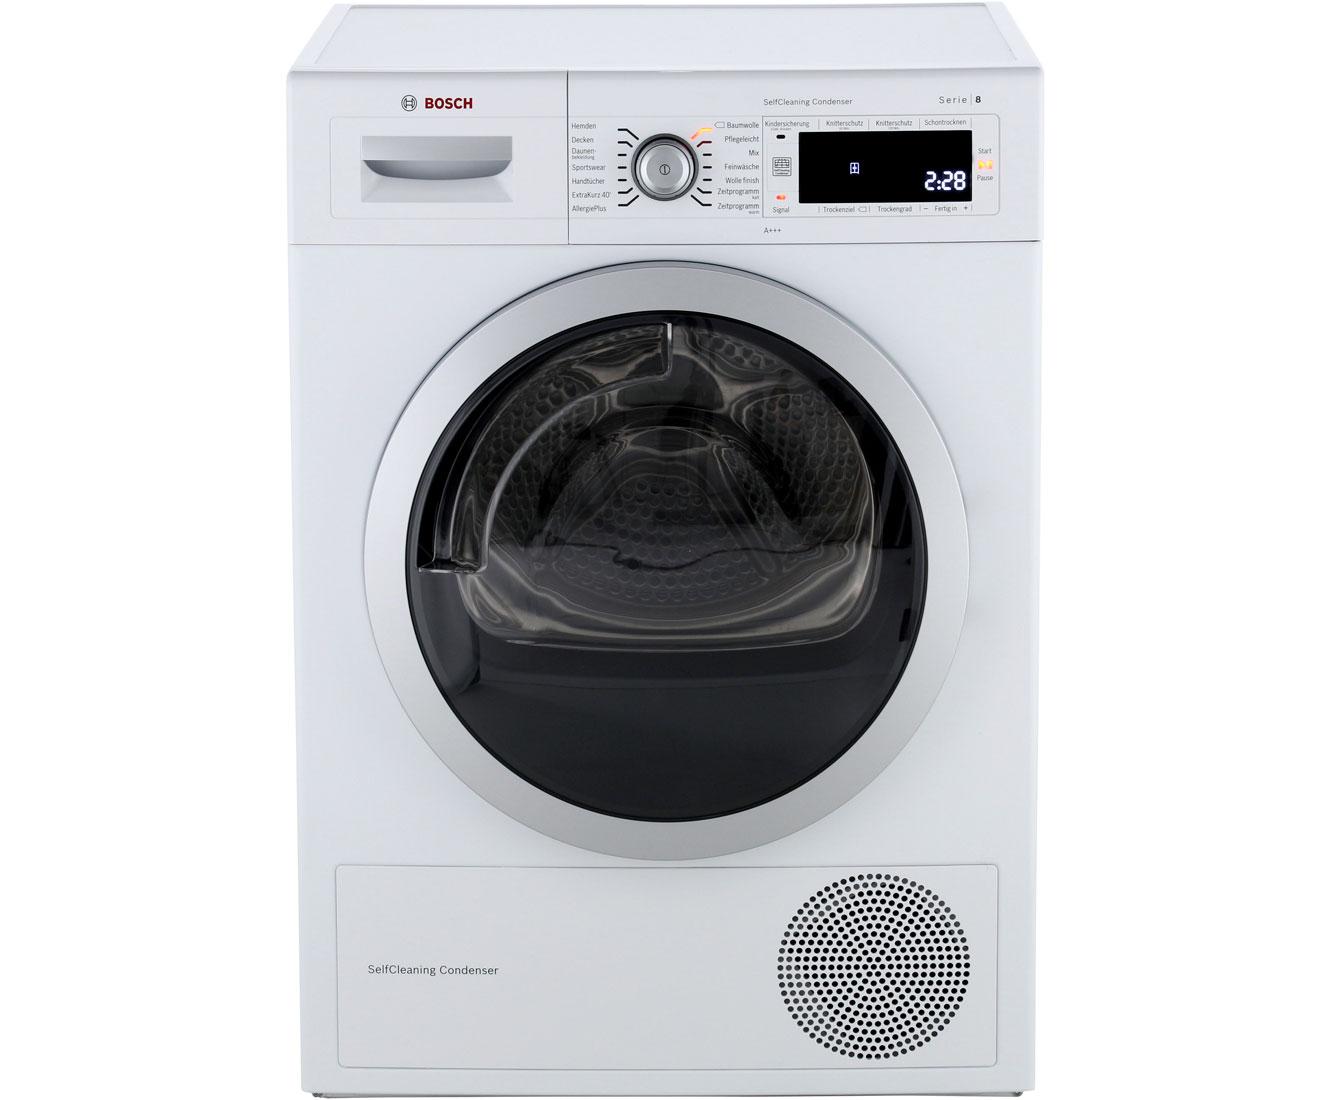 Artikel klicken und genauer betrachten! - Bosch Serie 8 WTW875W0 Wärmepumpentrockner - Weiß Freistehend, (H)84,2 x (B)59,8 x (T)59,9 Die AO Mega-Marken zum Top-Preis.! Kostenlos im Lieferpreis enthalten ist der 2 Mann Service zum Wunschort. Lieferung Mo-Sa! Liefertermin auswählbar! Artikel ist in der Farbe Weiß. Abmessung beträgt (H)84,2 x (B)59,8 x (T)59,9.   im Online Shop kaufen